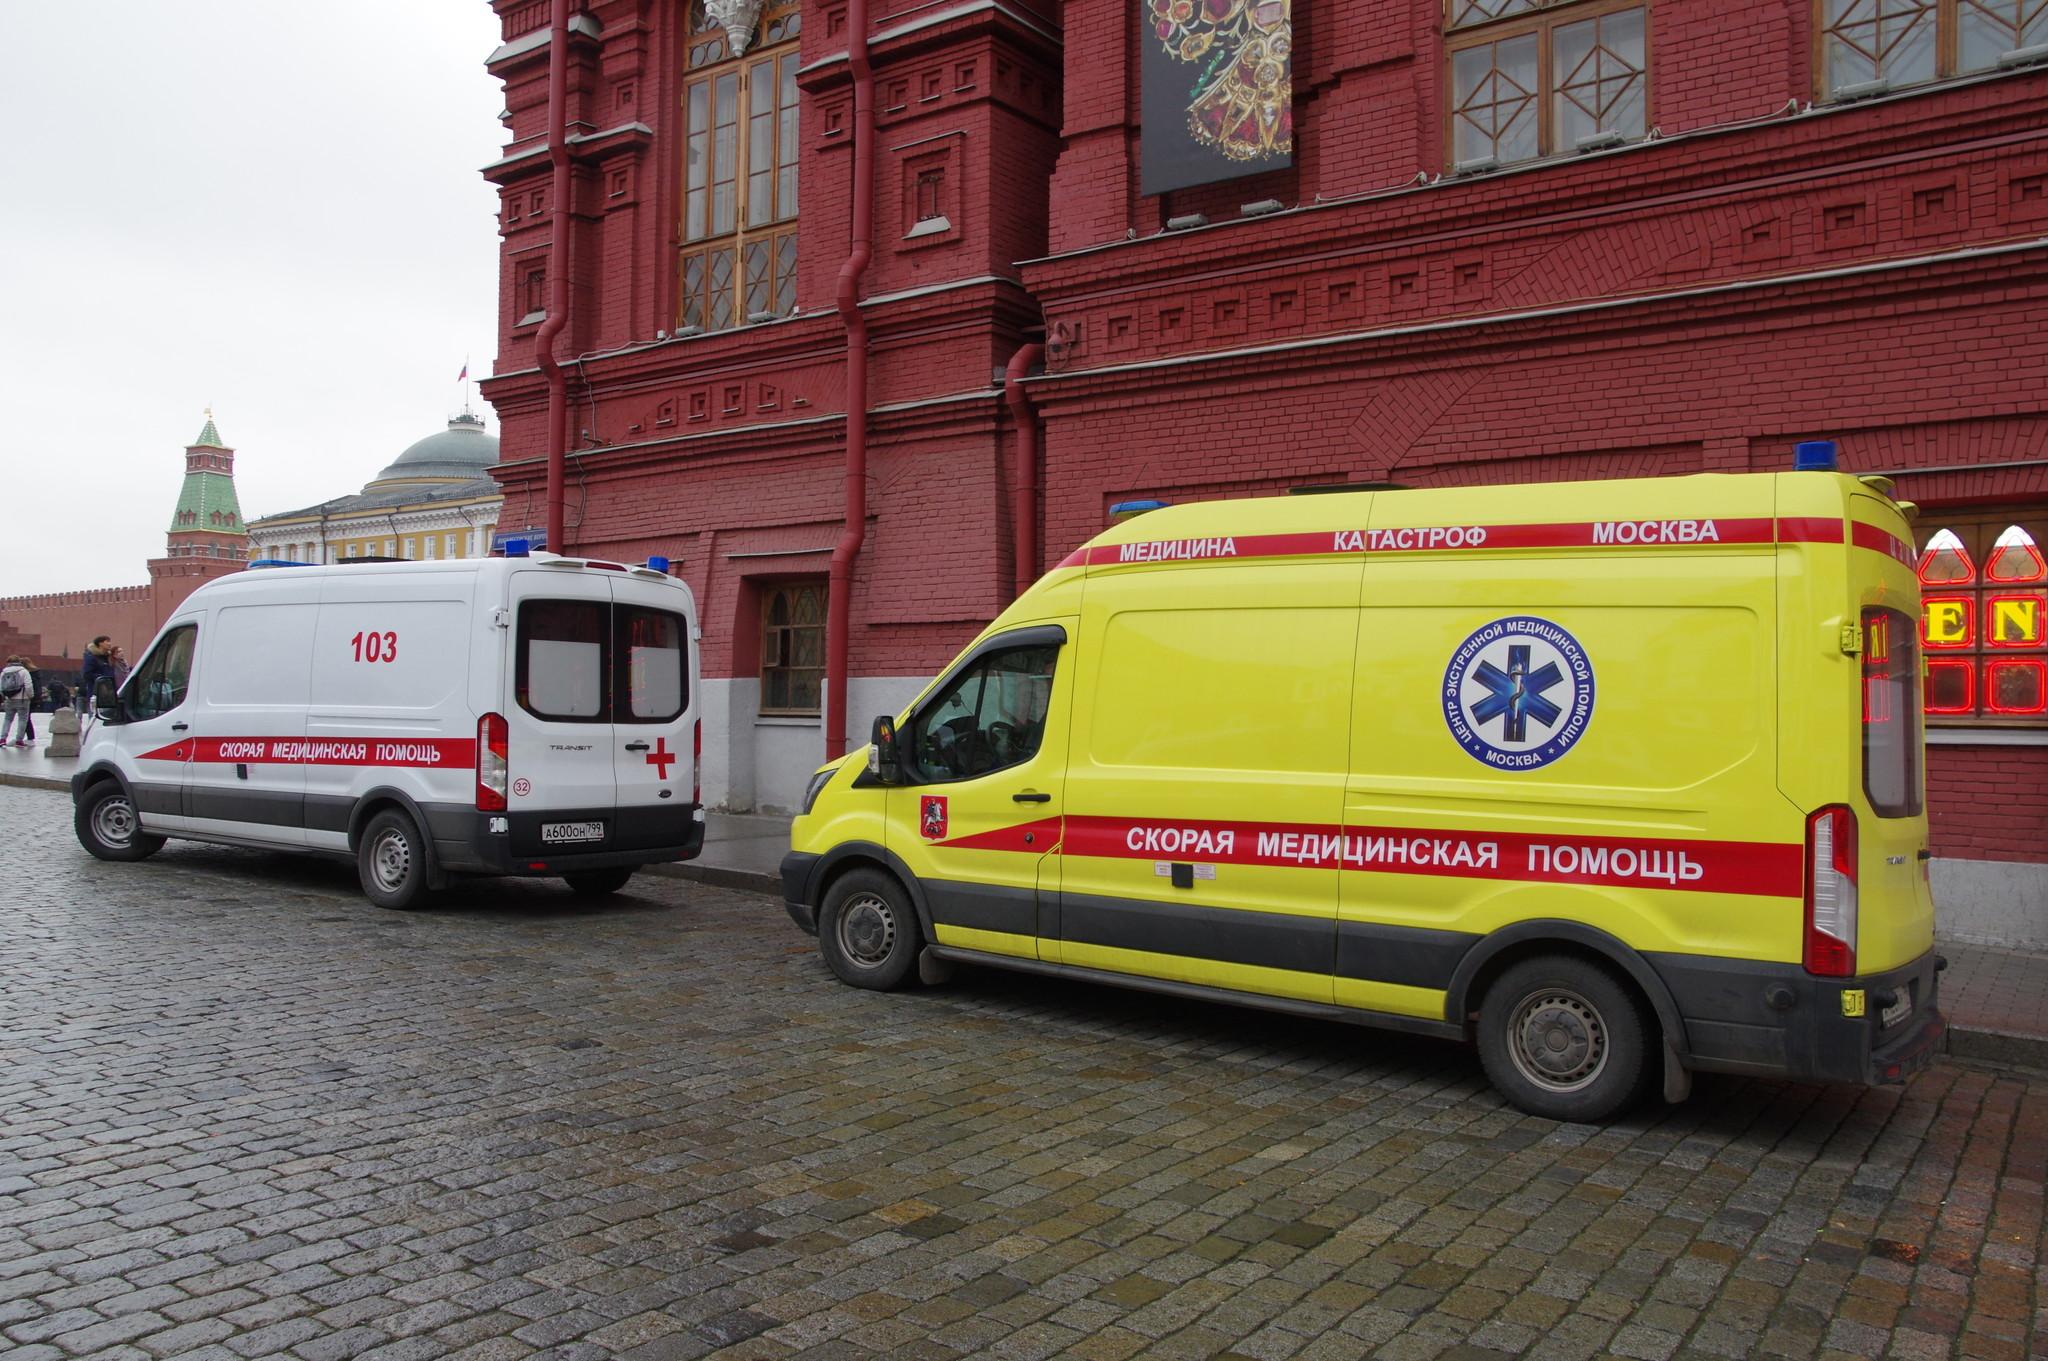 Автомобиль скорой медицинской помощи на Красной площади